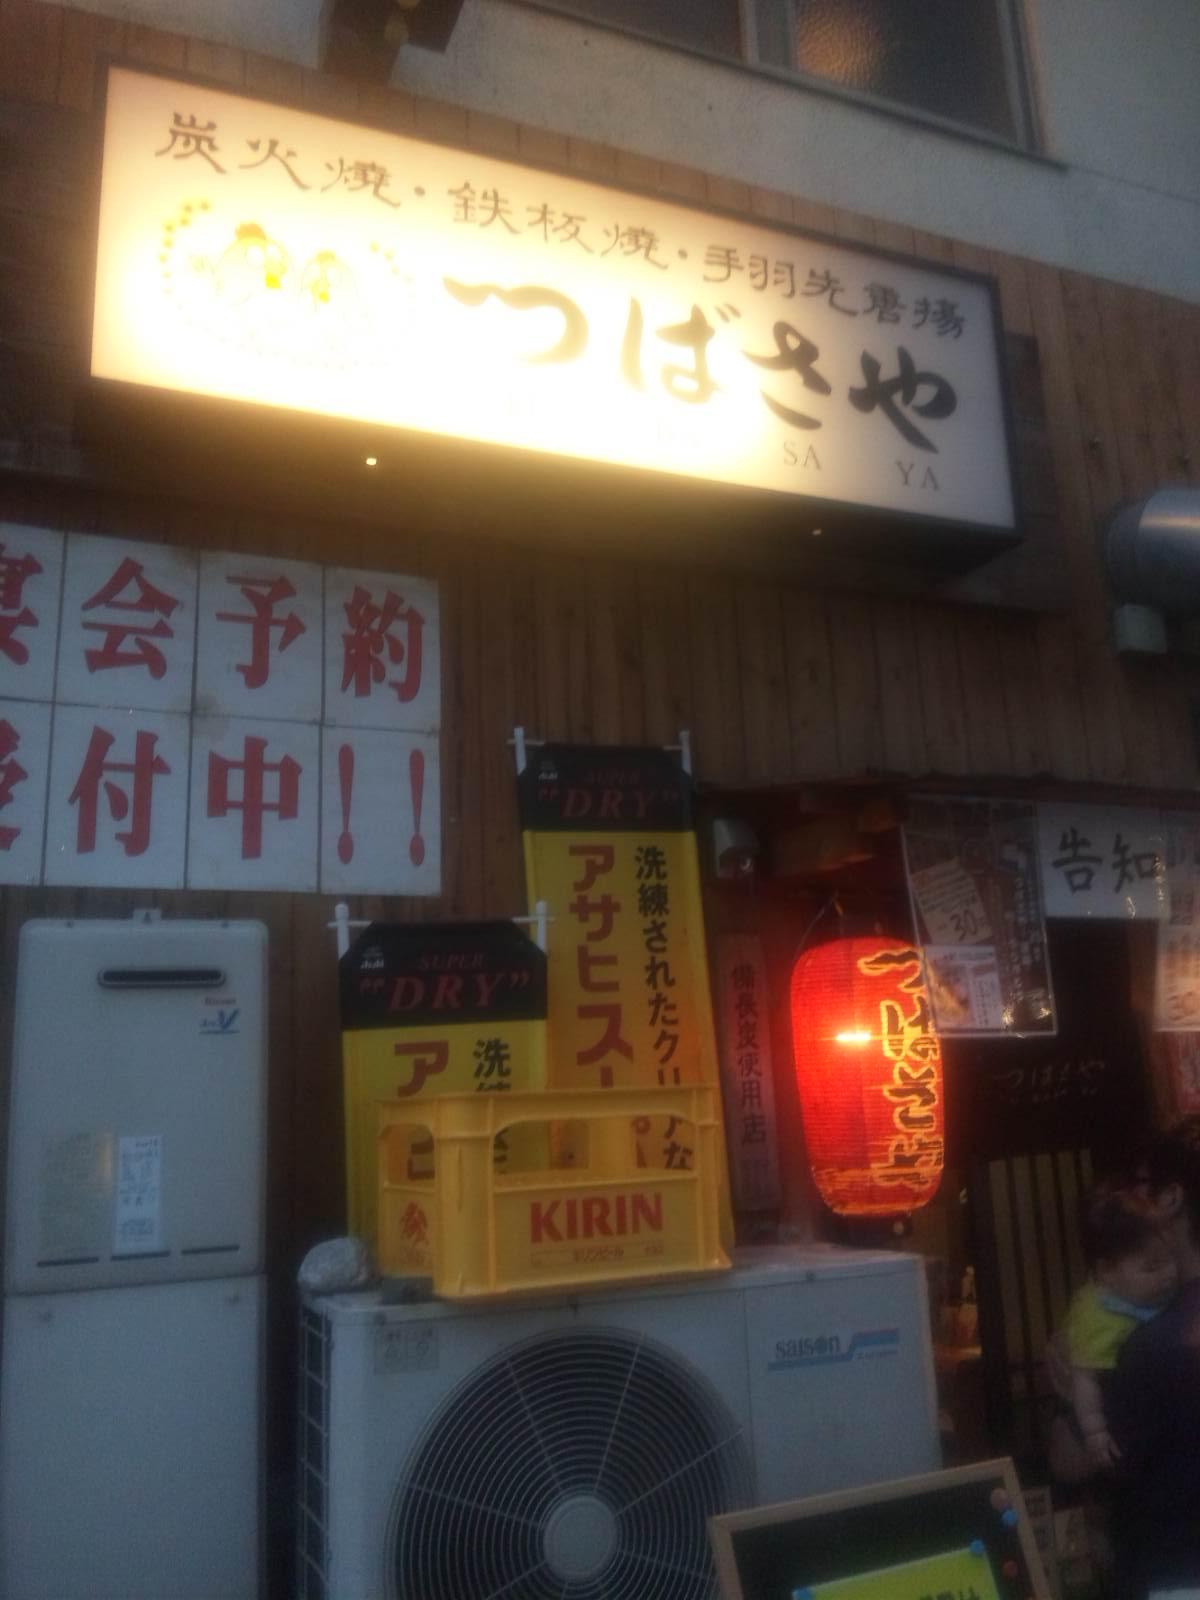 つばさや 藤ヶ丘店